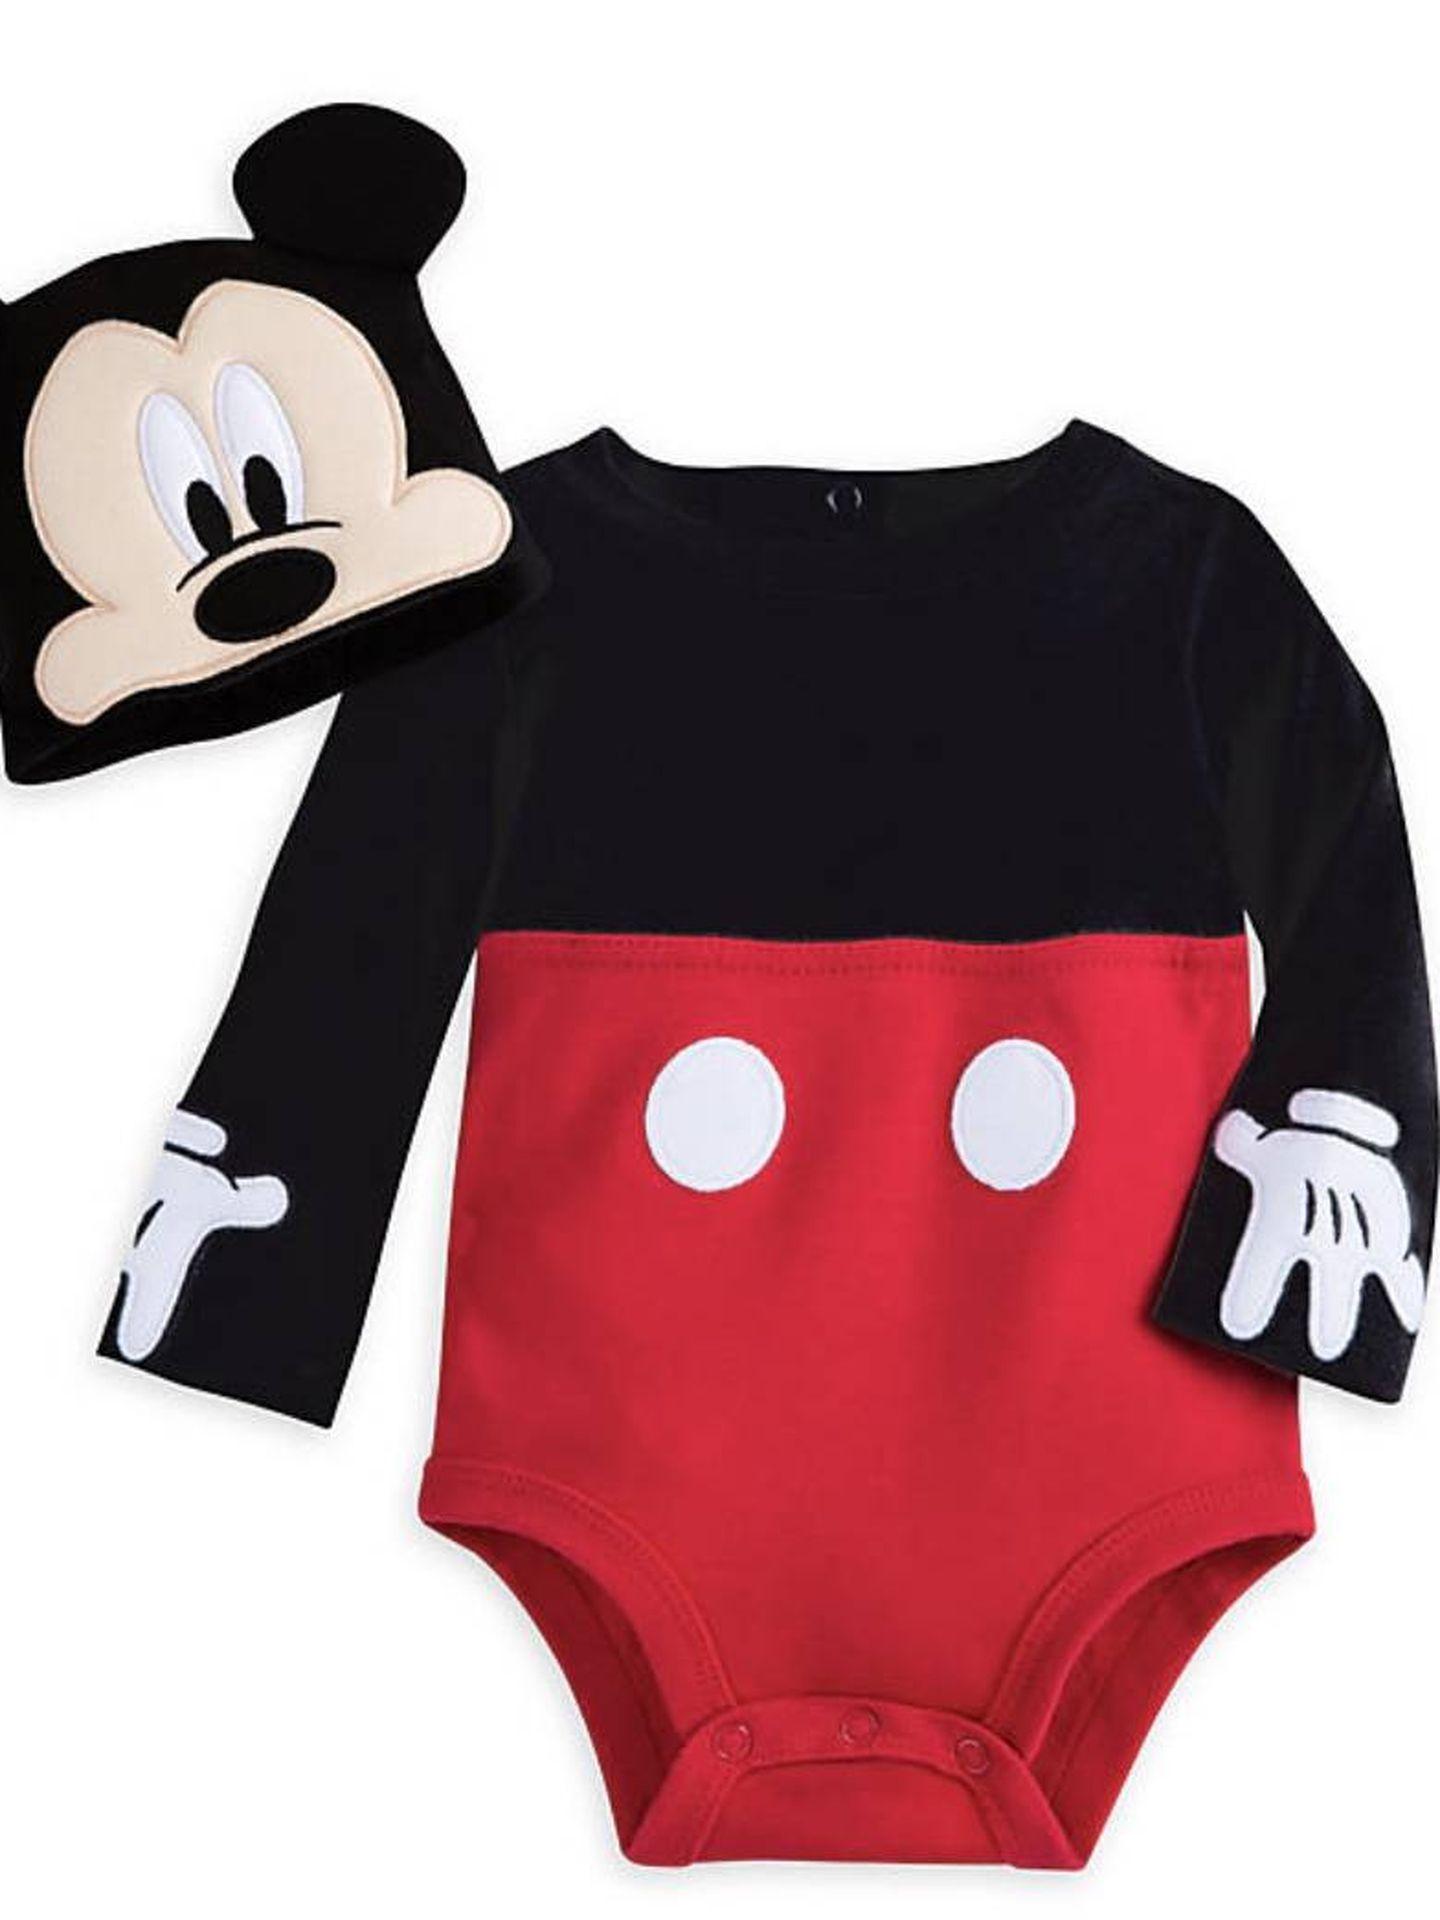 Para los más pequeños, disfraz de Mickey Mouse de Disney Store (14,70 euros).